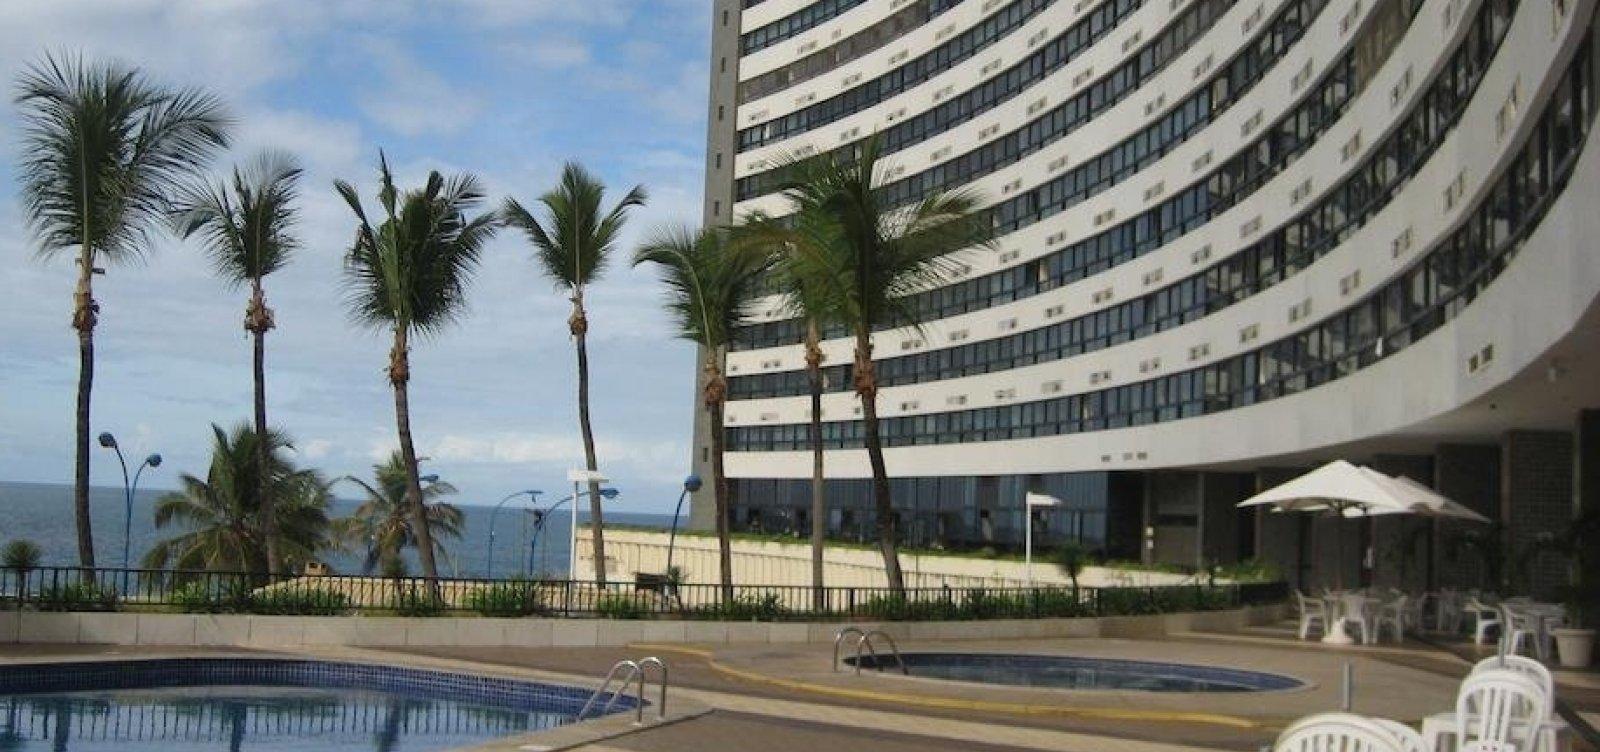 [Copa América: Hotéis de Salvador já tem 50% das reservas; Boipeba também é aposta]